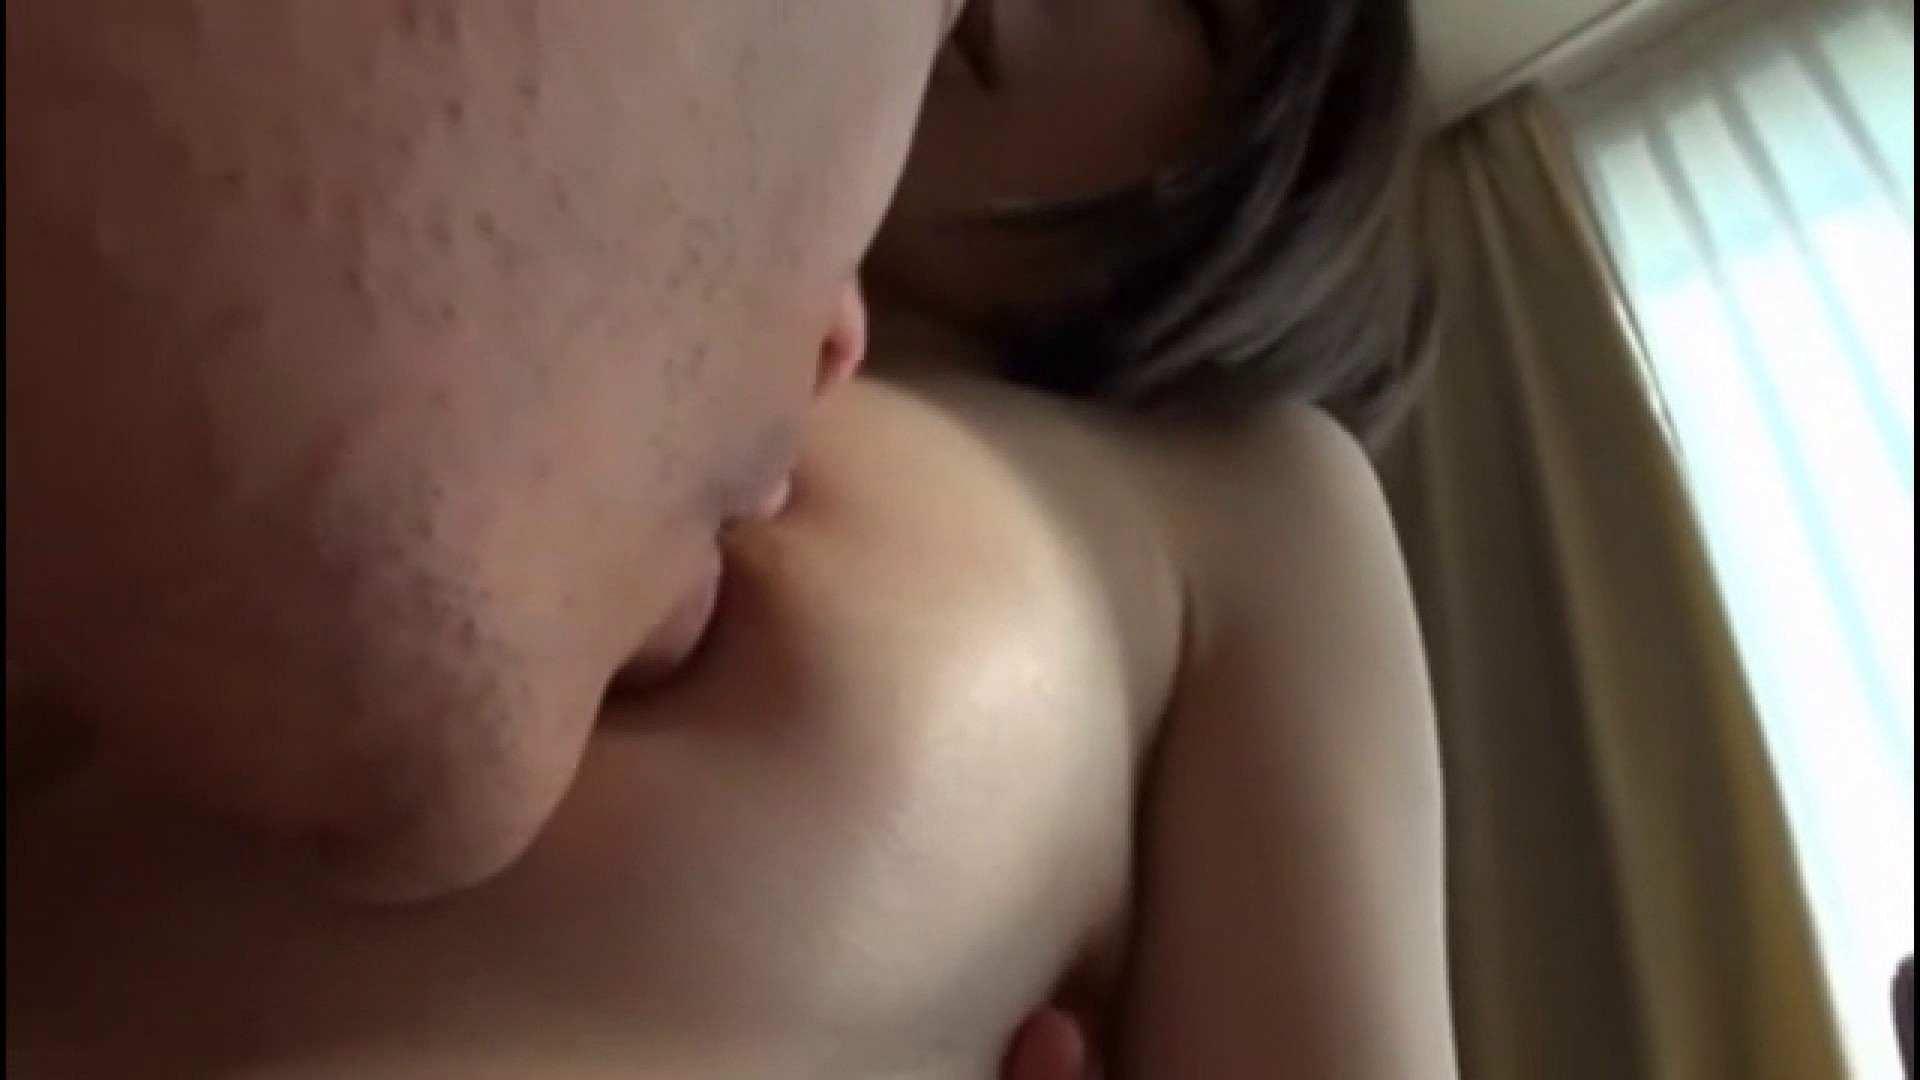 おしえてギャル子のH塾 Vol.45前編 モデル ヌード画像 74連発 50